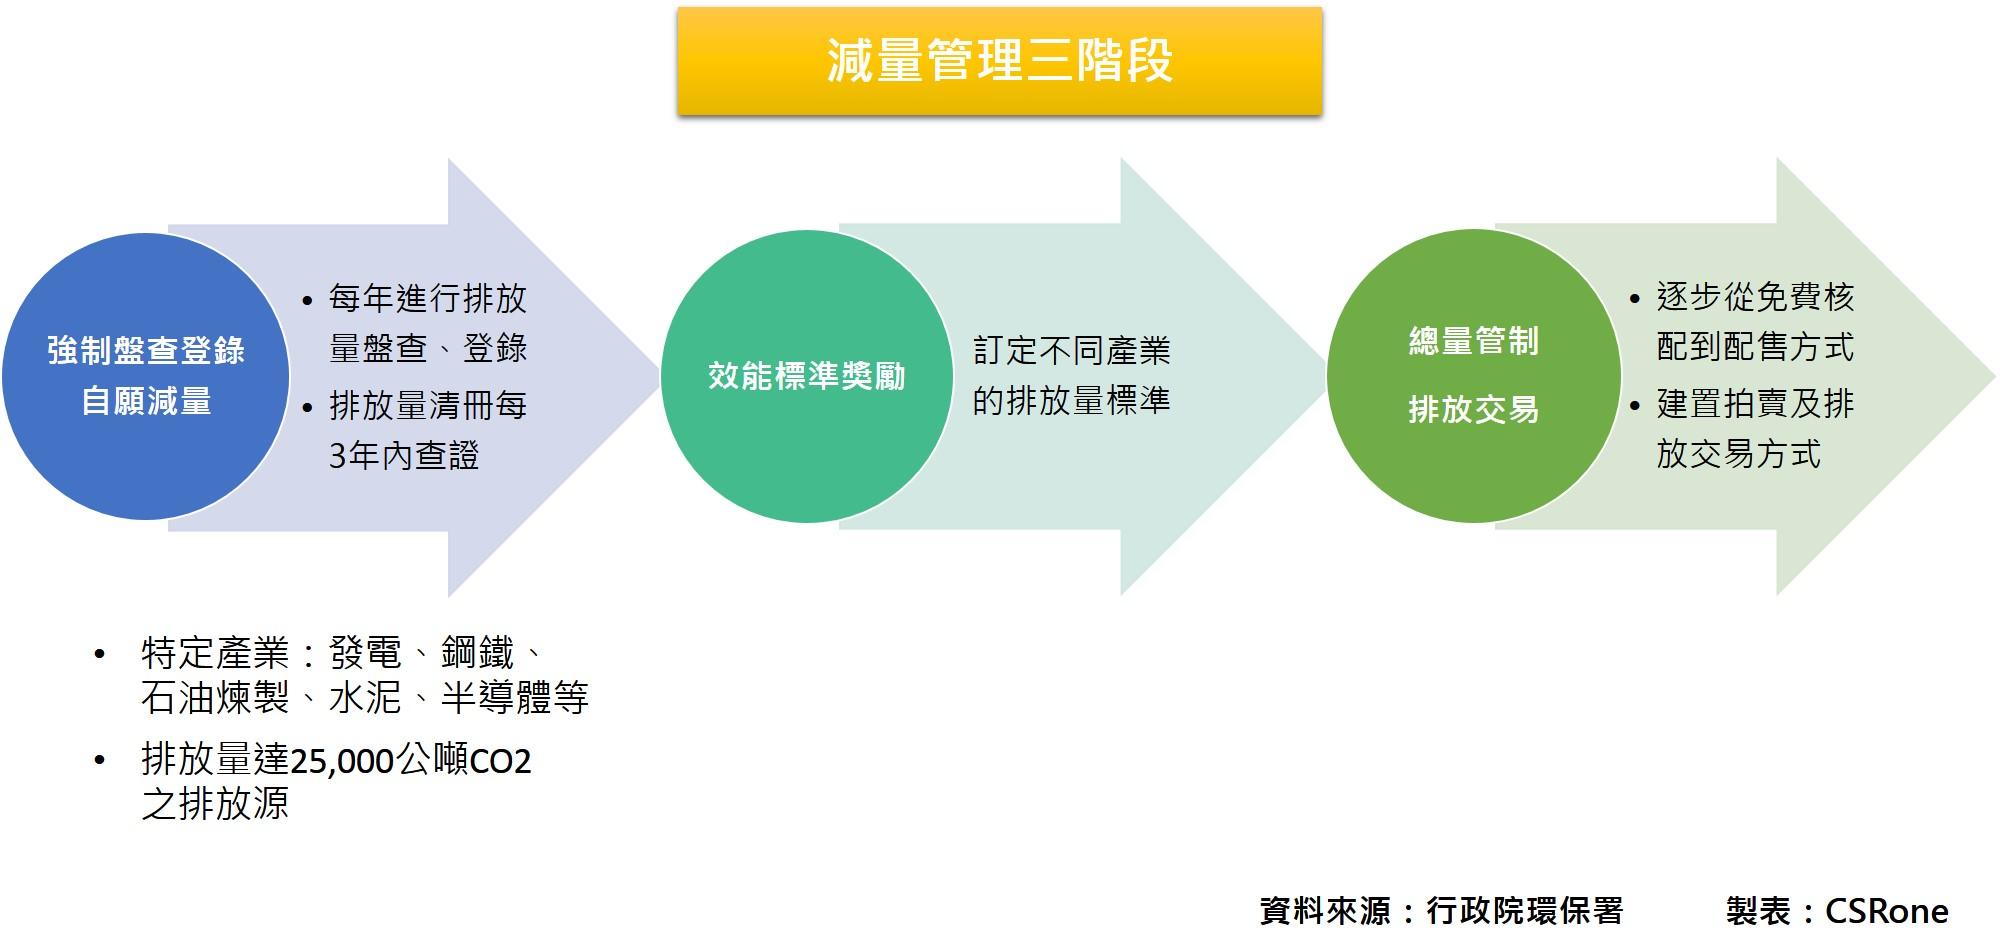 溫管法減量管理三階段